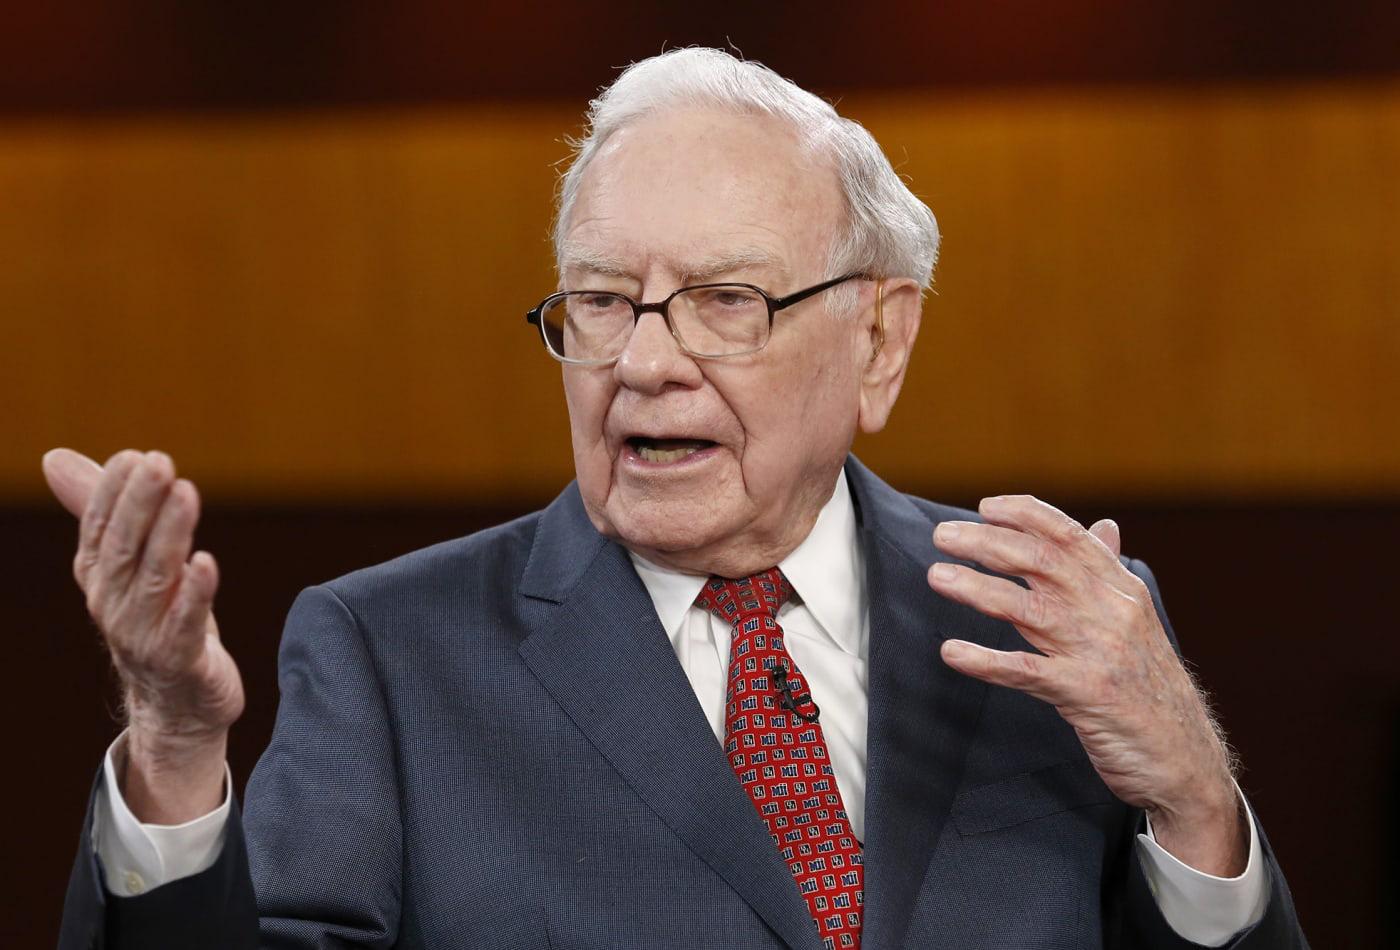 Thương vụ 38 tỉ USD bế tắc, nữ tướng dầu khí tìm đến Warren Buffett nhờ ra tay tương trợ - Ảnh 2.